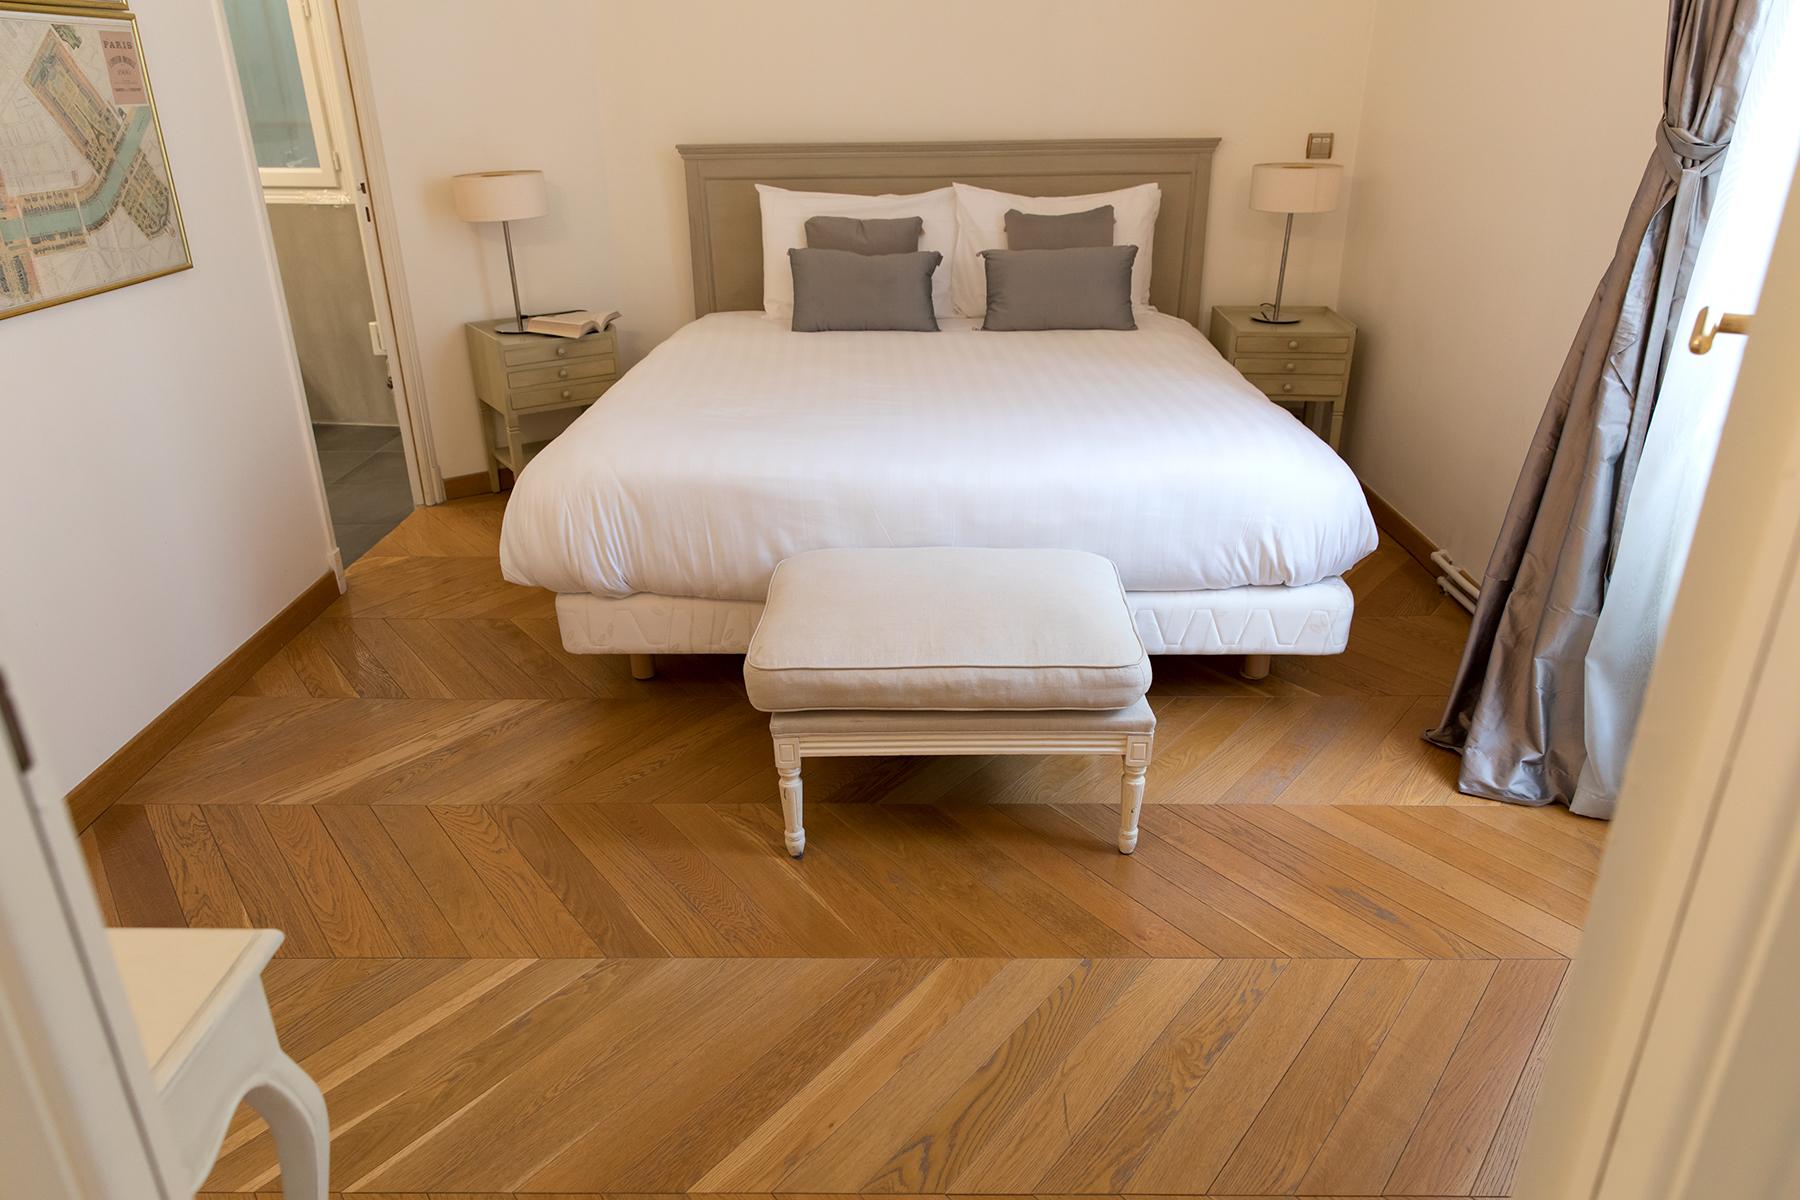 Bedroom at Apartment Monceau Chic, 9th Arr, Paris